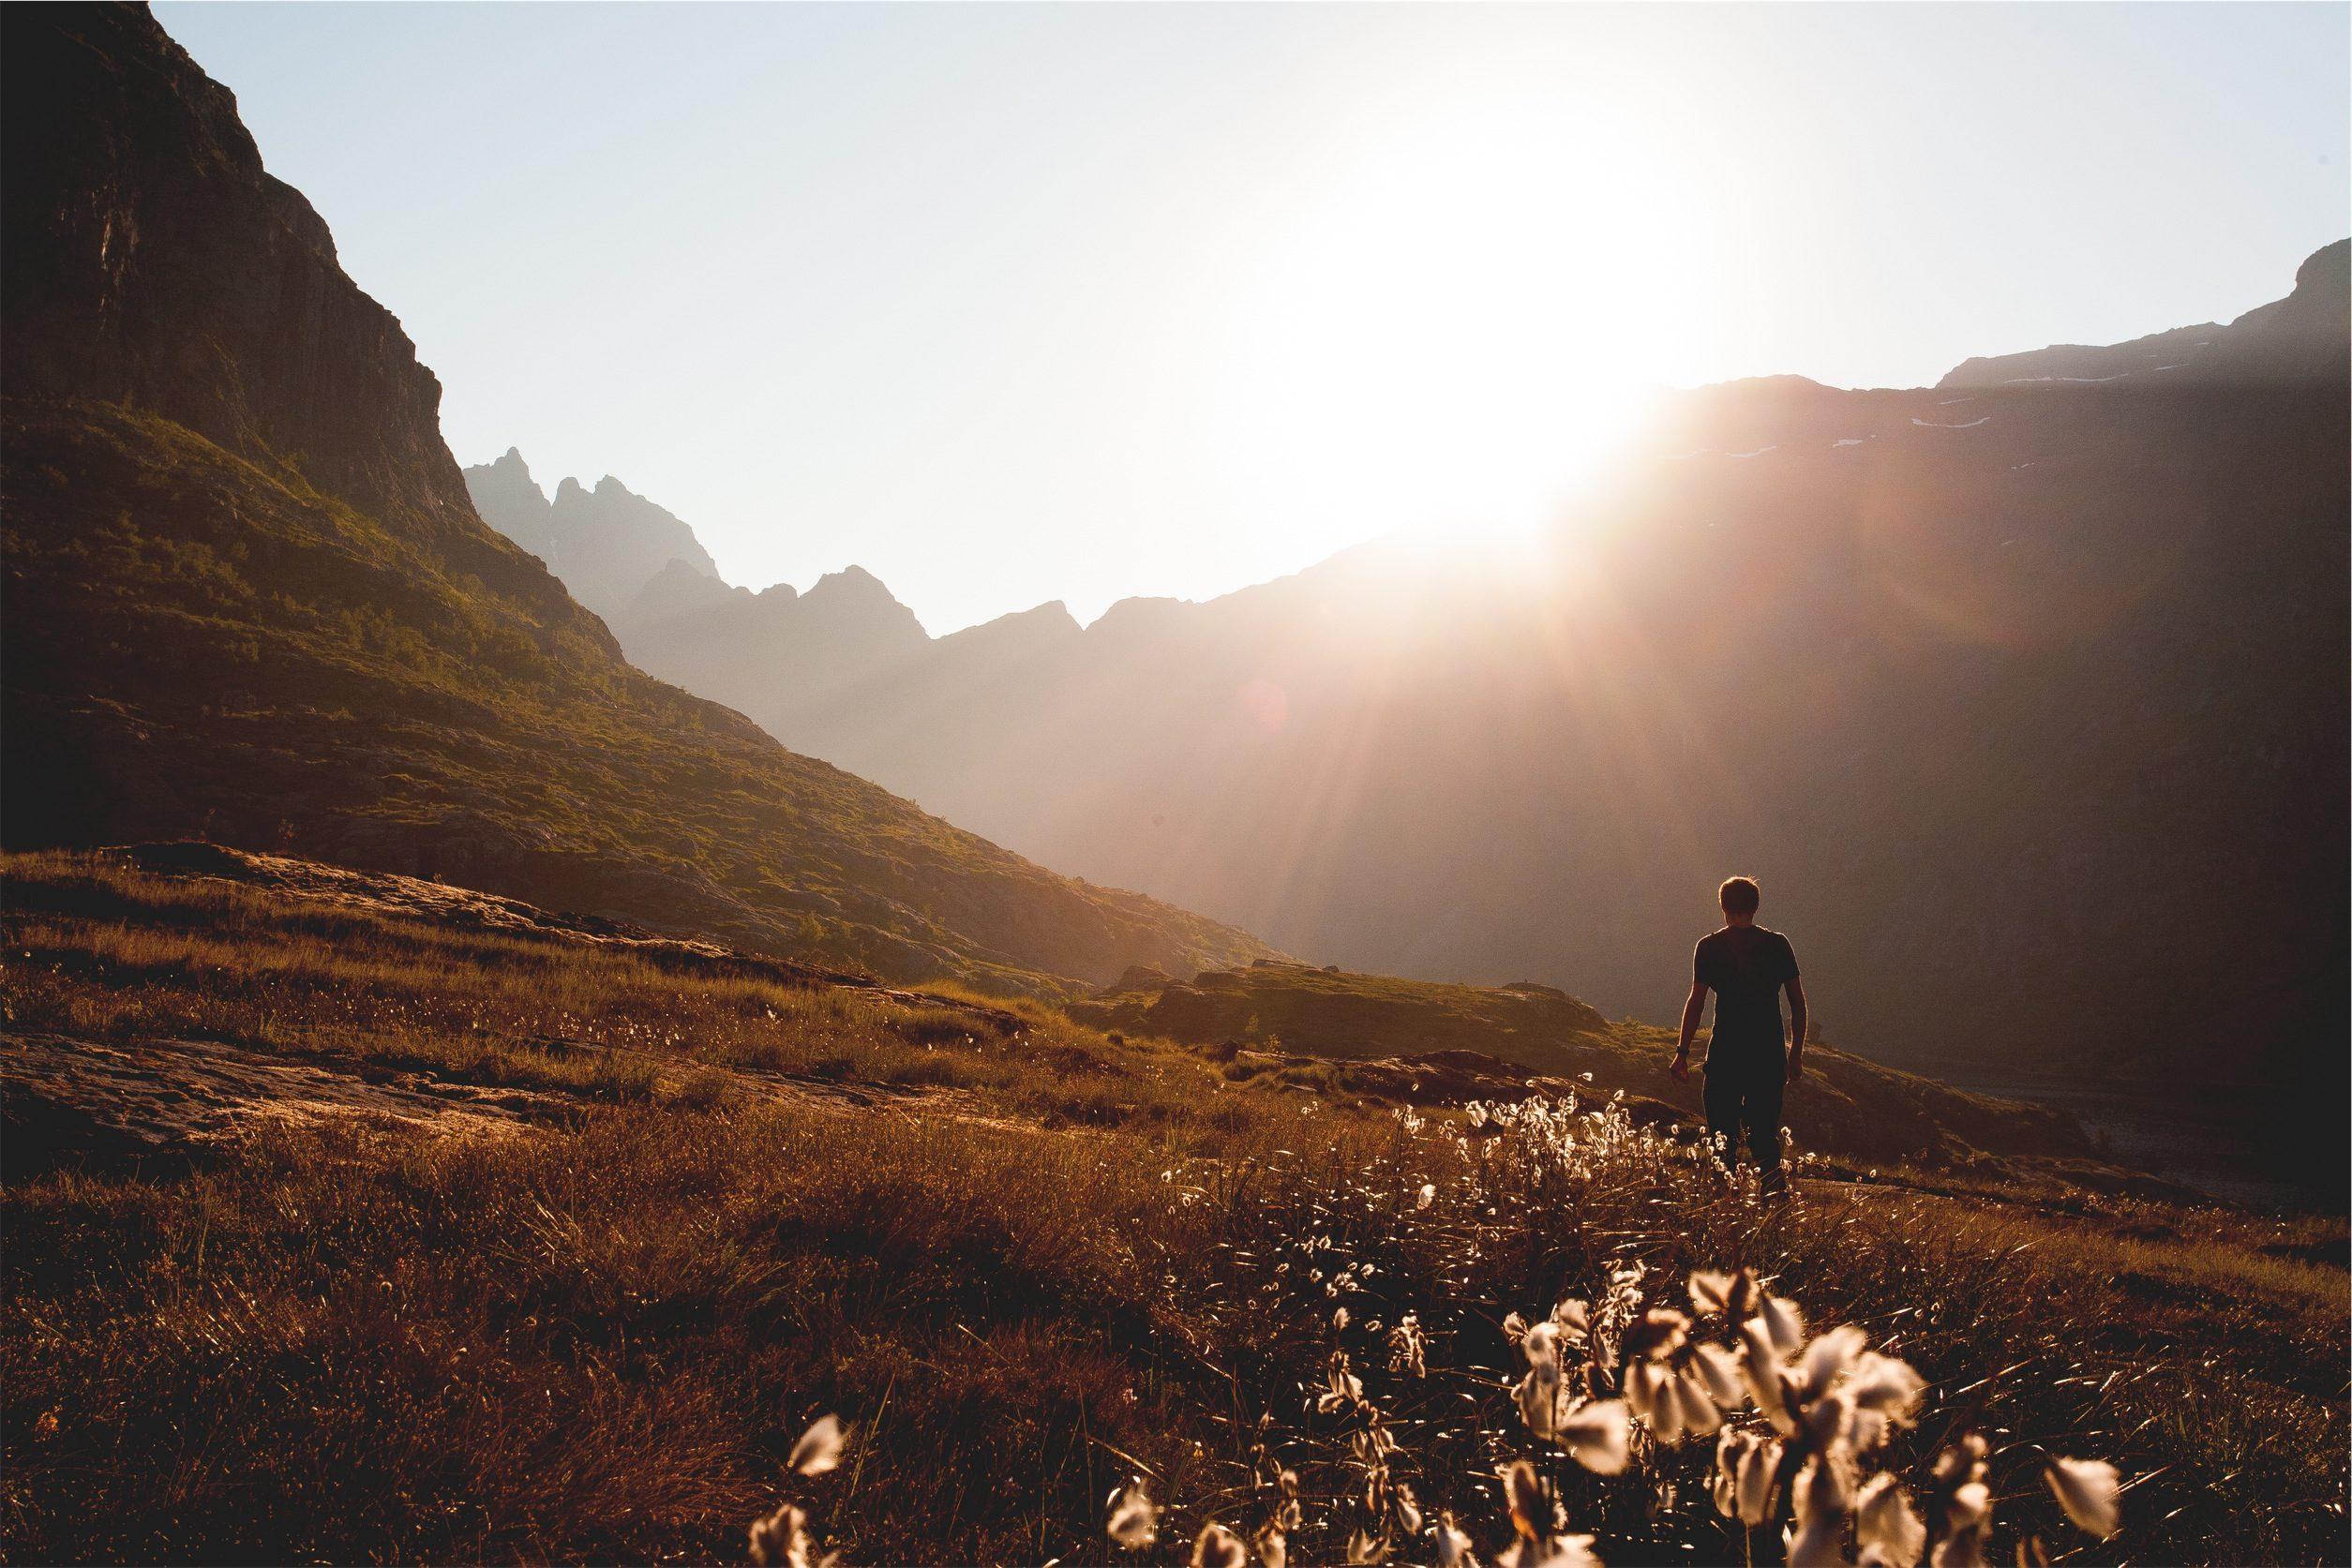 Sol, Pradera, Relaxe, homem, montañas - Papéis de parede HD - Professor-falken.com